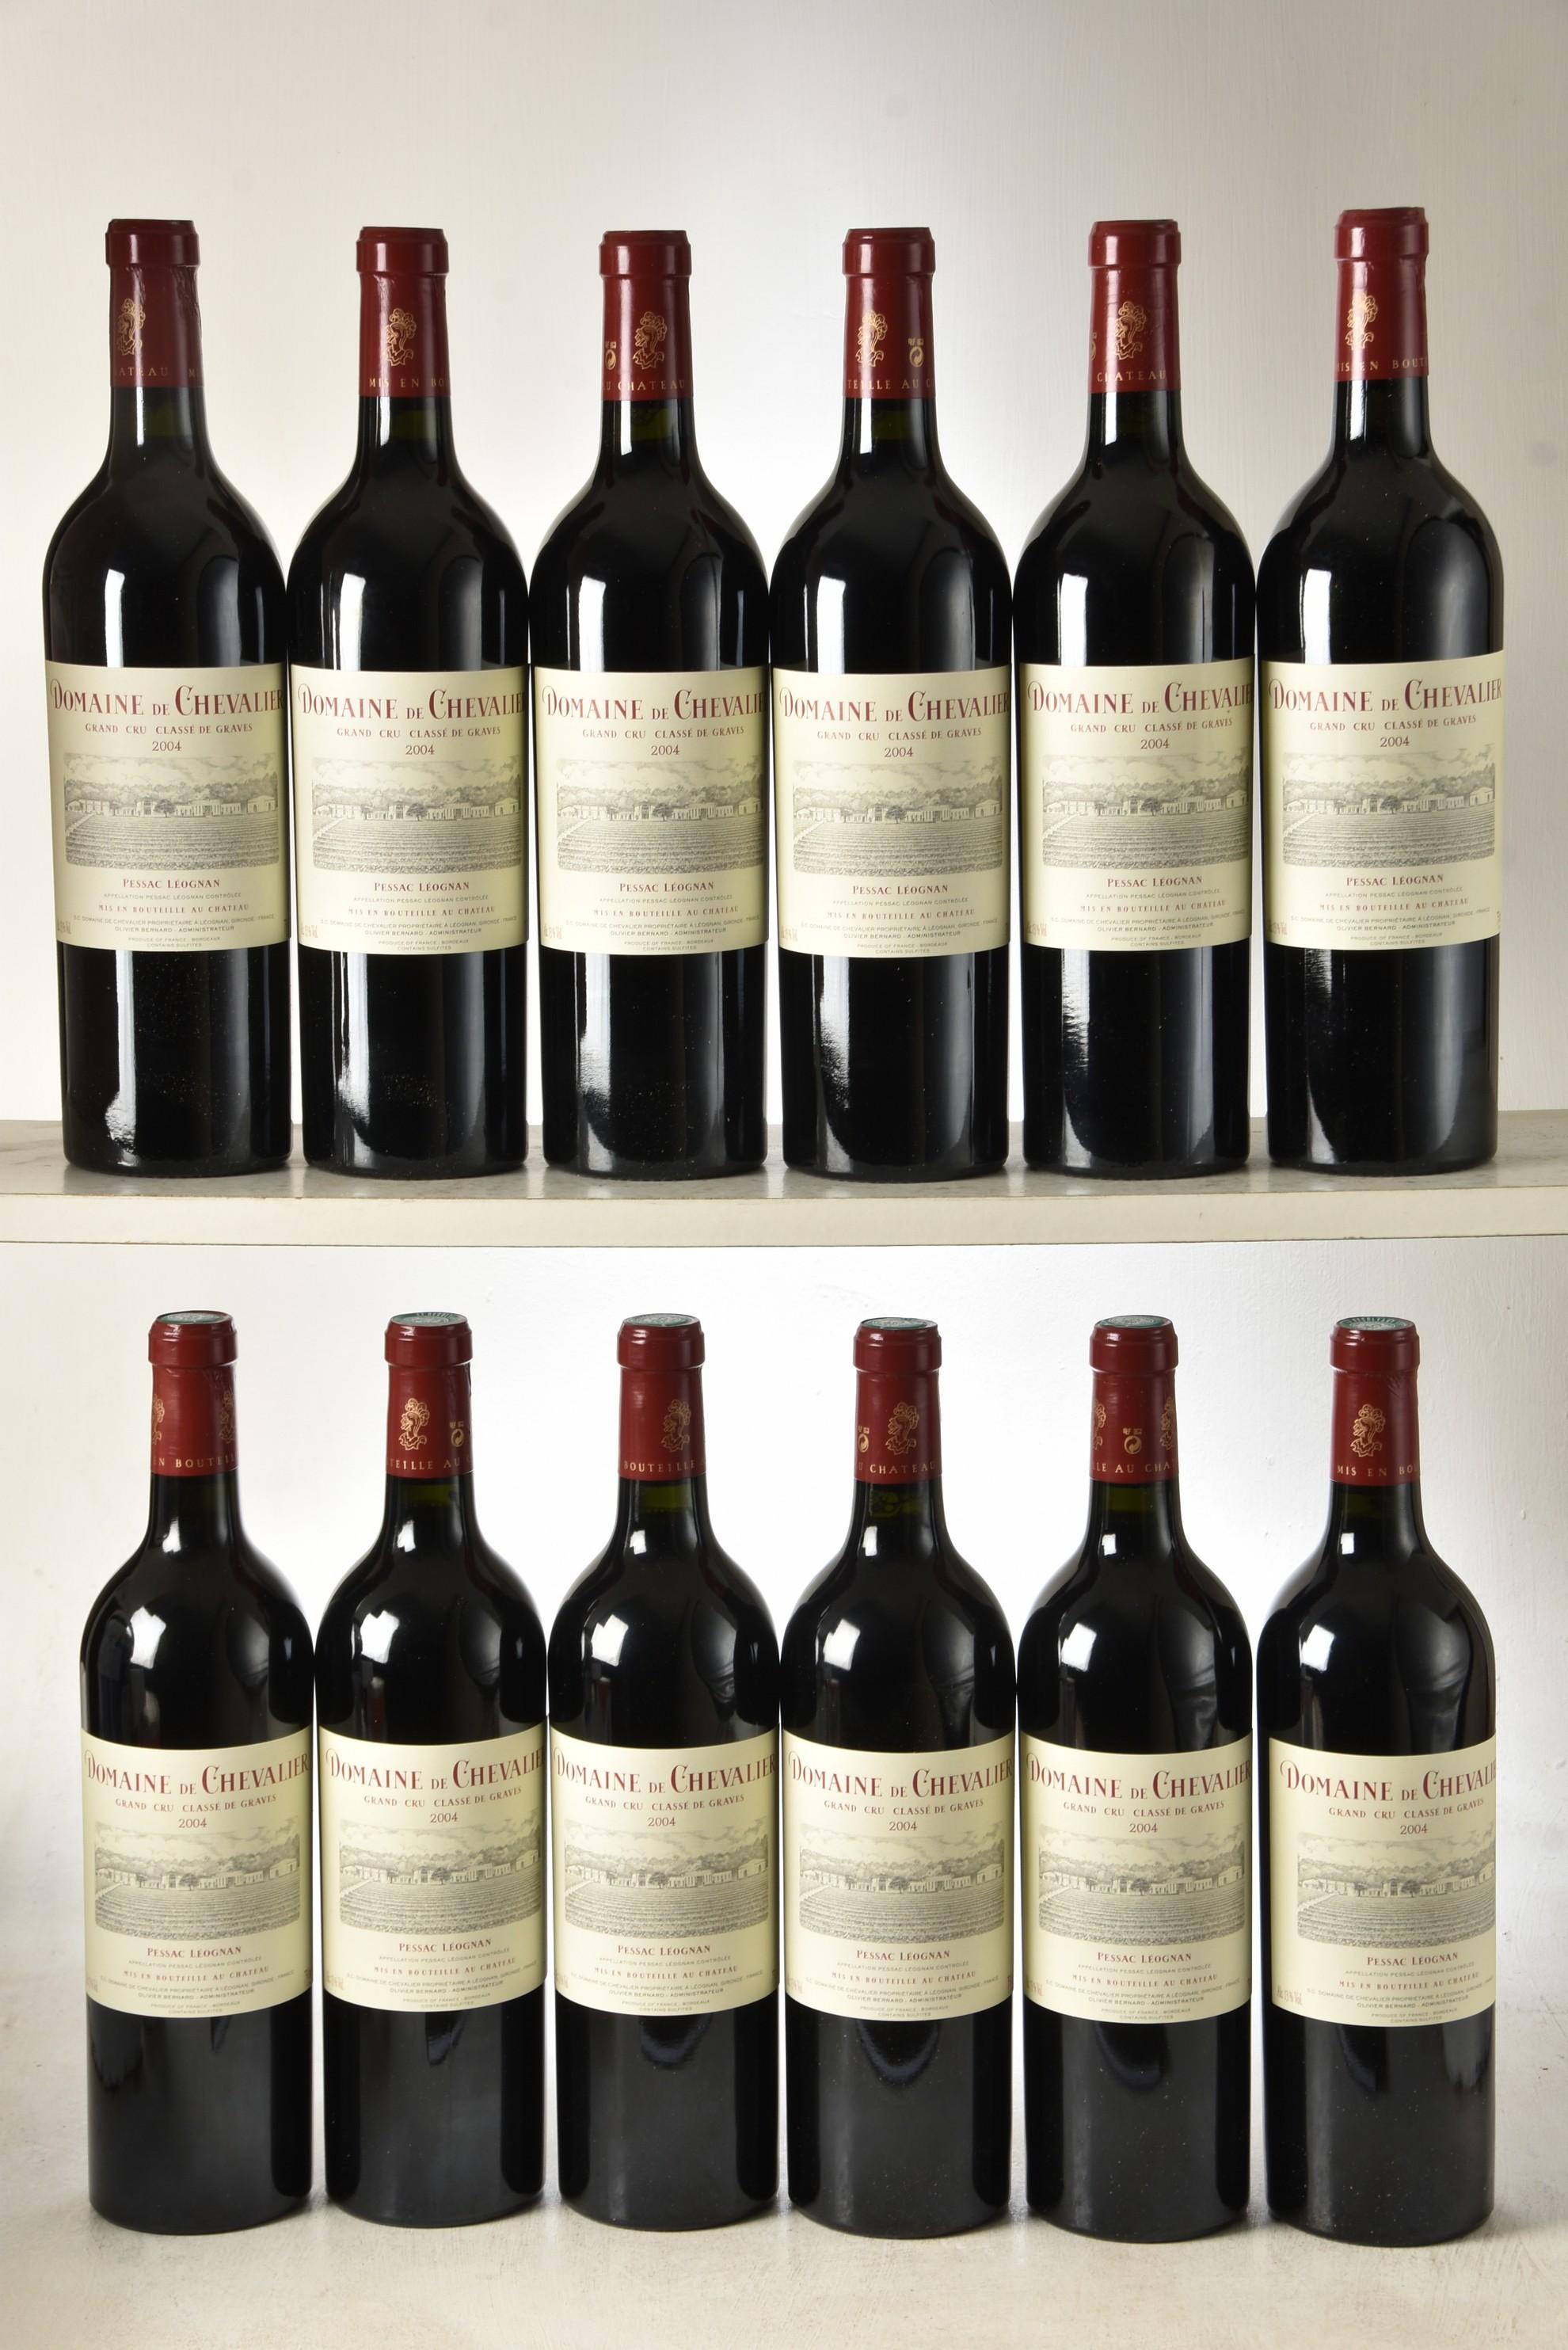 Domaine de Chevalier Rouge 2004 Pessac Leognan 12 bts OWC